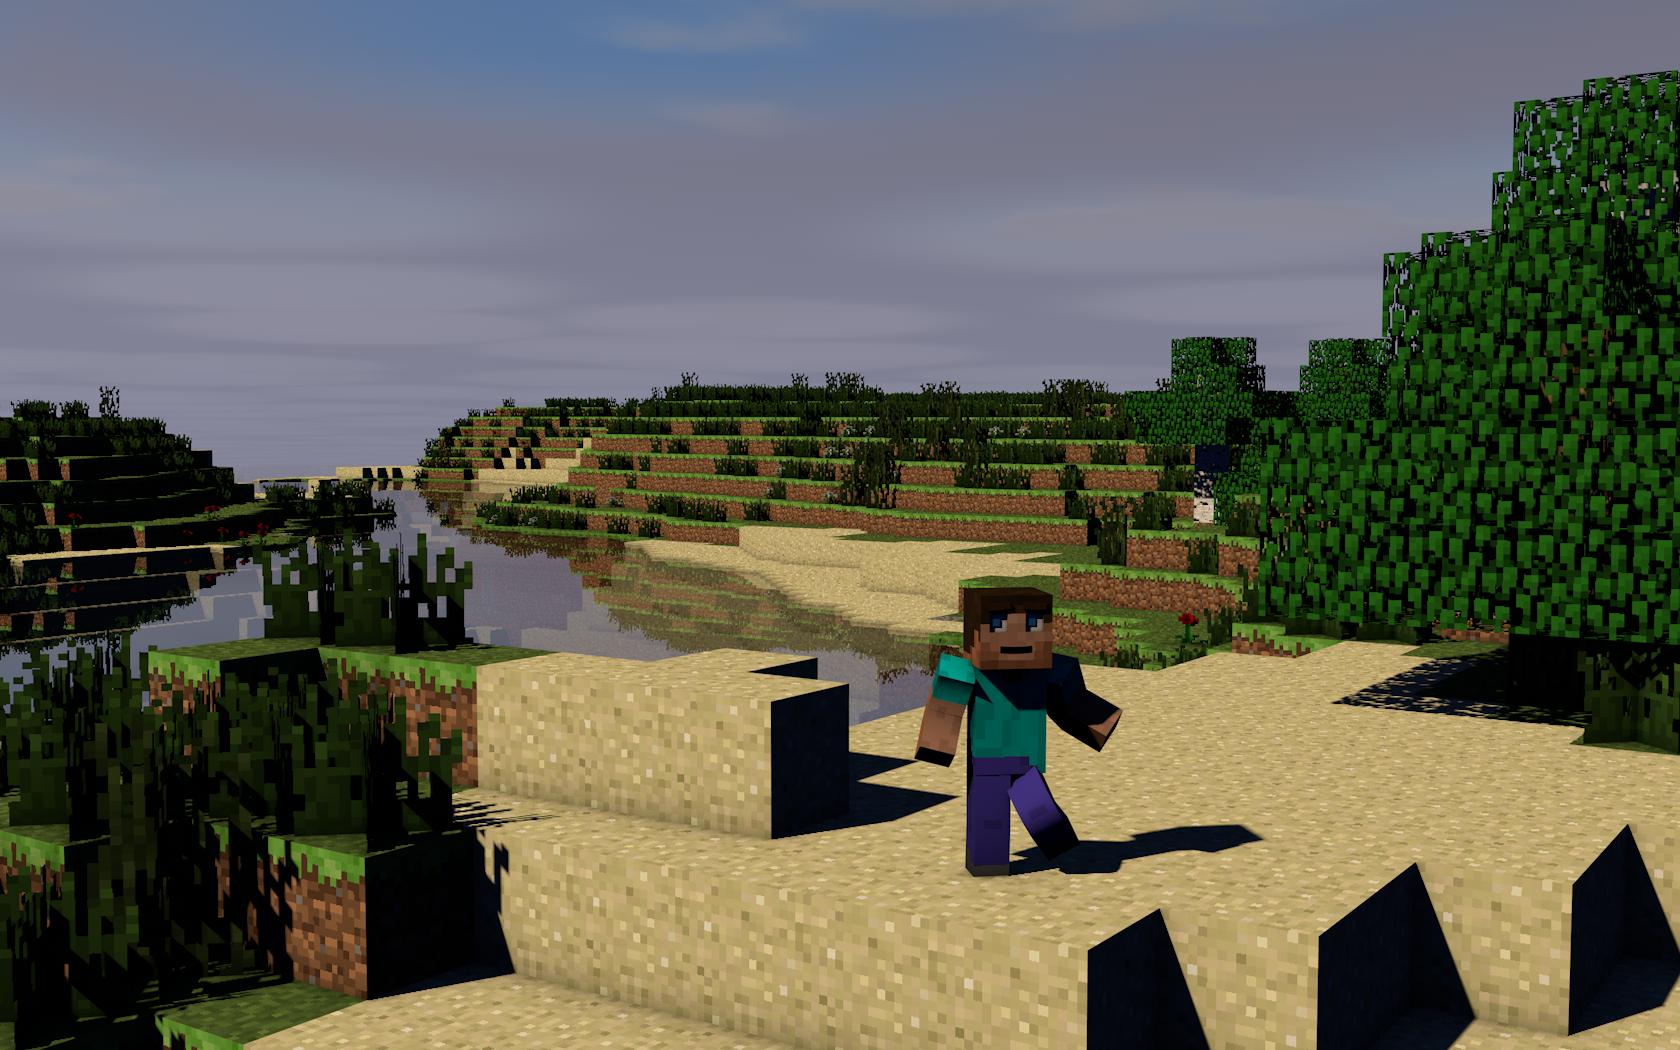 Plano De Fundo Minecraft: Stuck, On Island Papel De Parede And Planos De Fundo